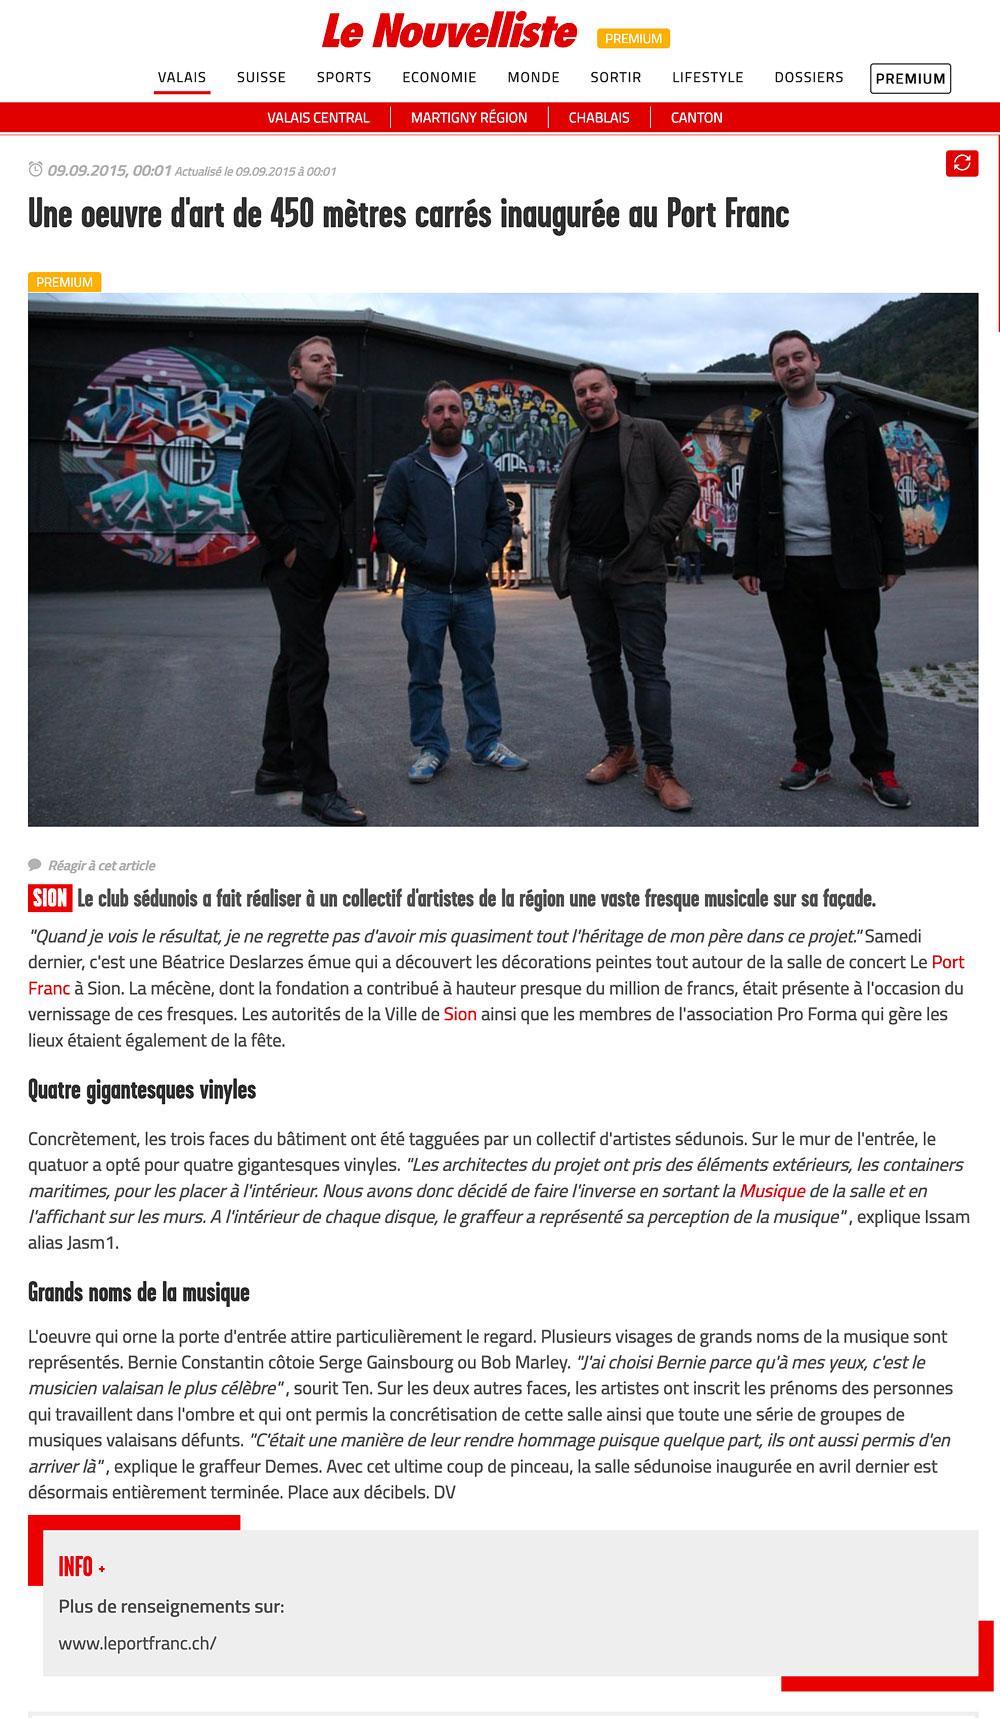 article de presse le nouvelliste valais sion jasm 1 jasm1 jasm one issam rezgui sion suisse graffiti street art WGA walliser graffiti artist le port franc